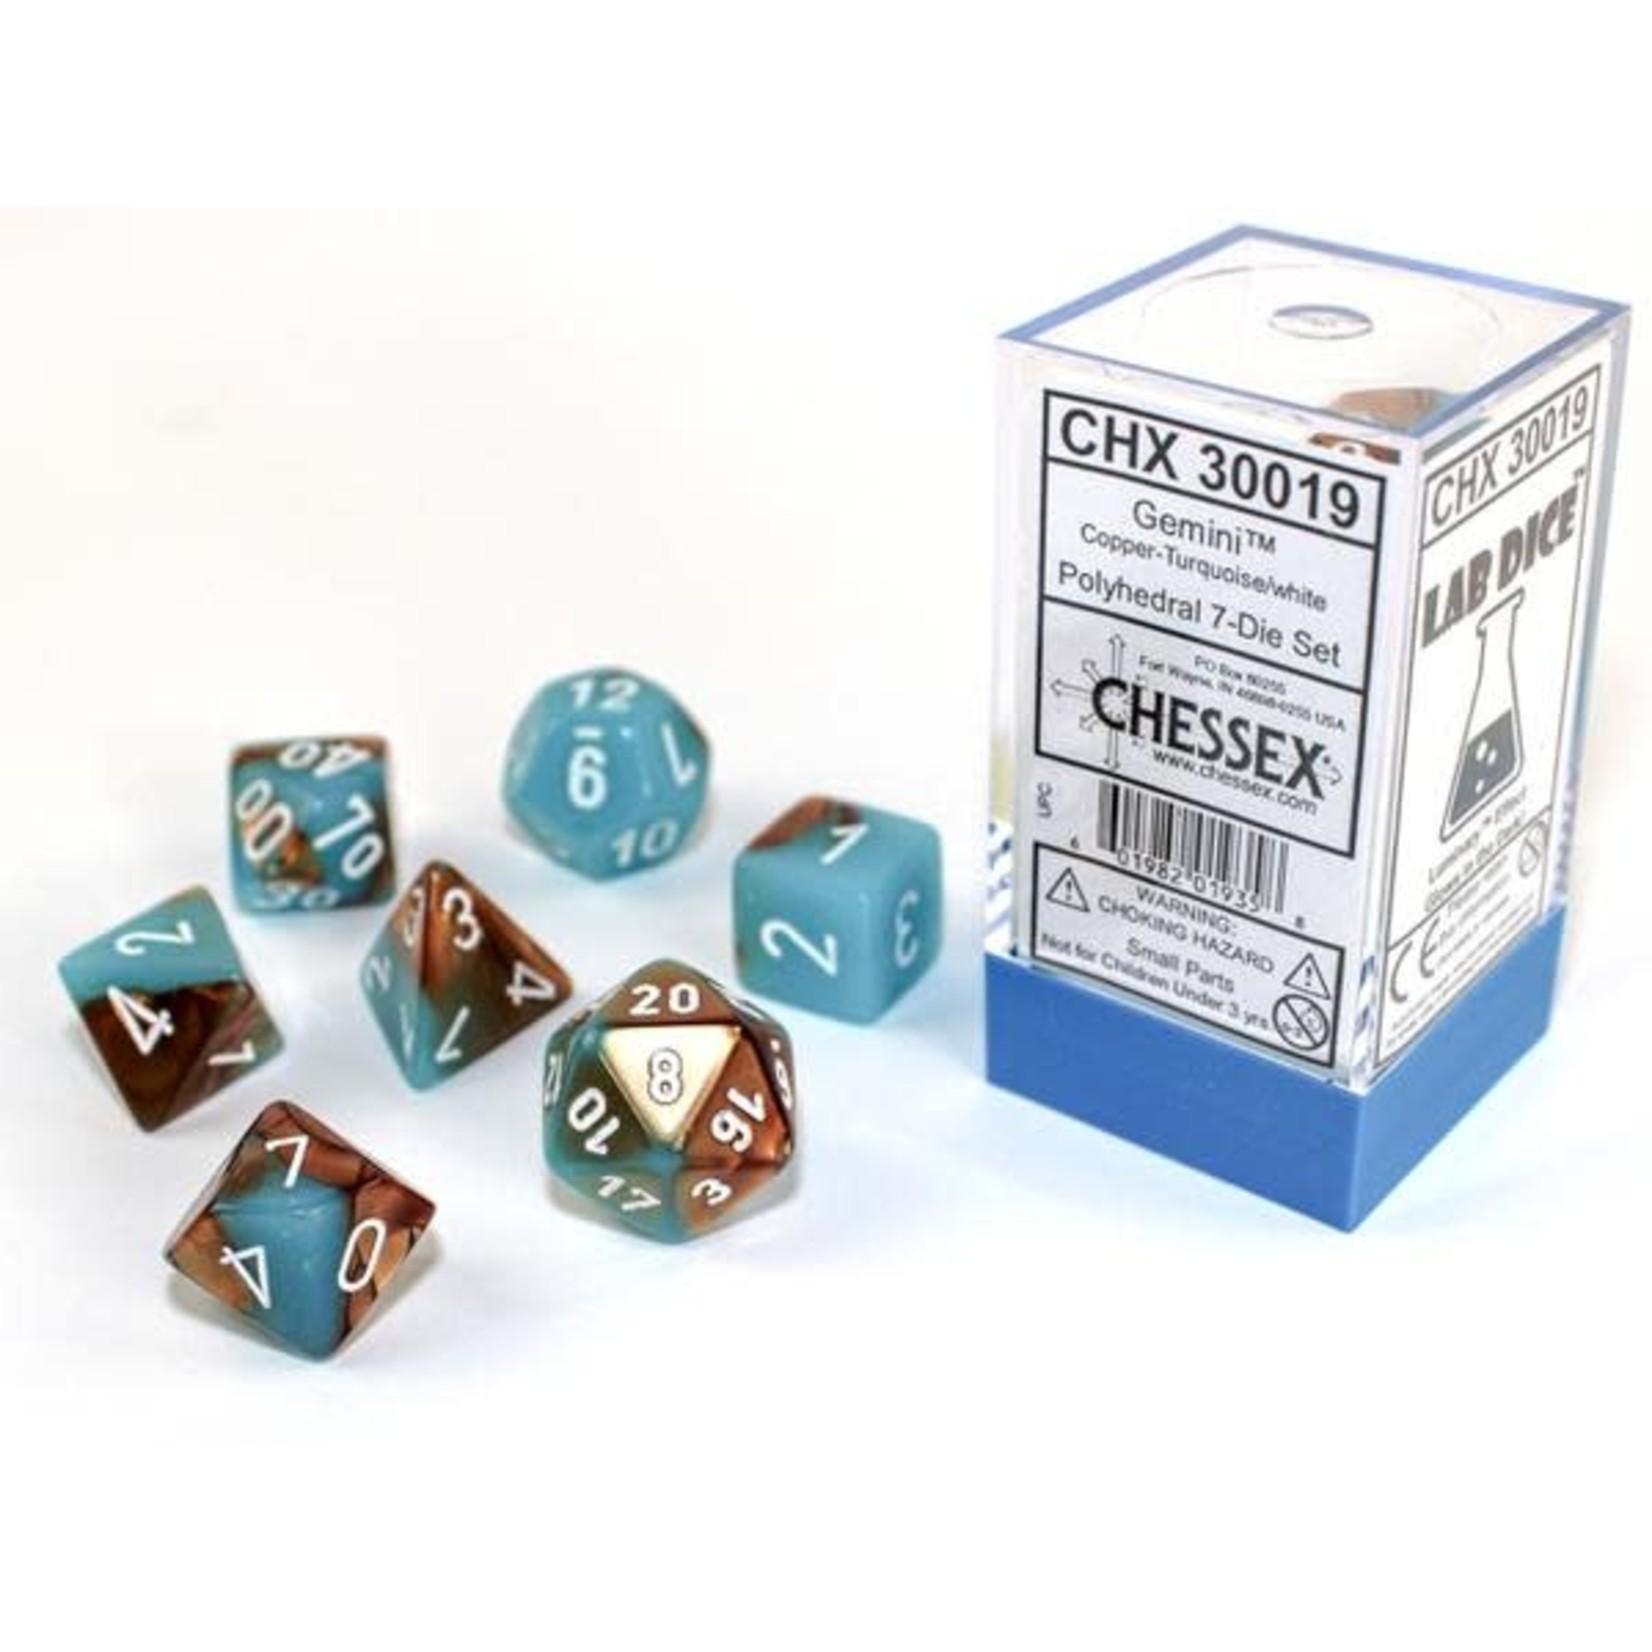 Chessex Chessex 7-Set Dice: Gemini - Copper/Turquoise/White Luminary 30019